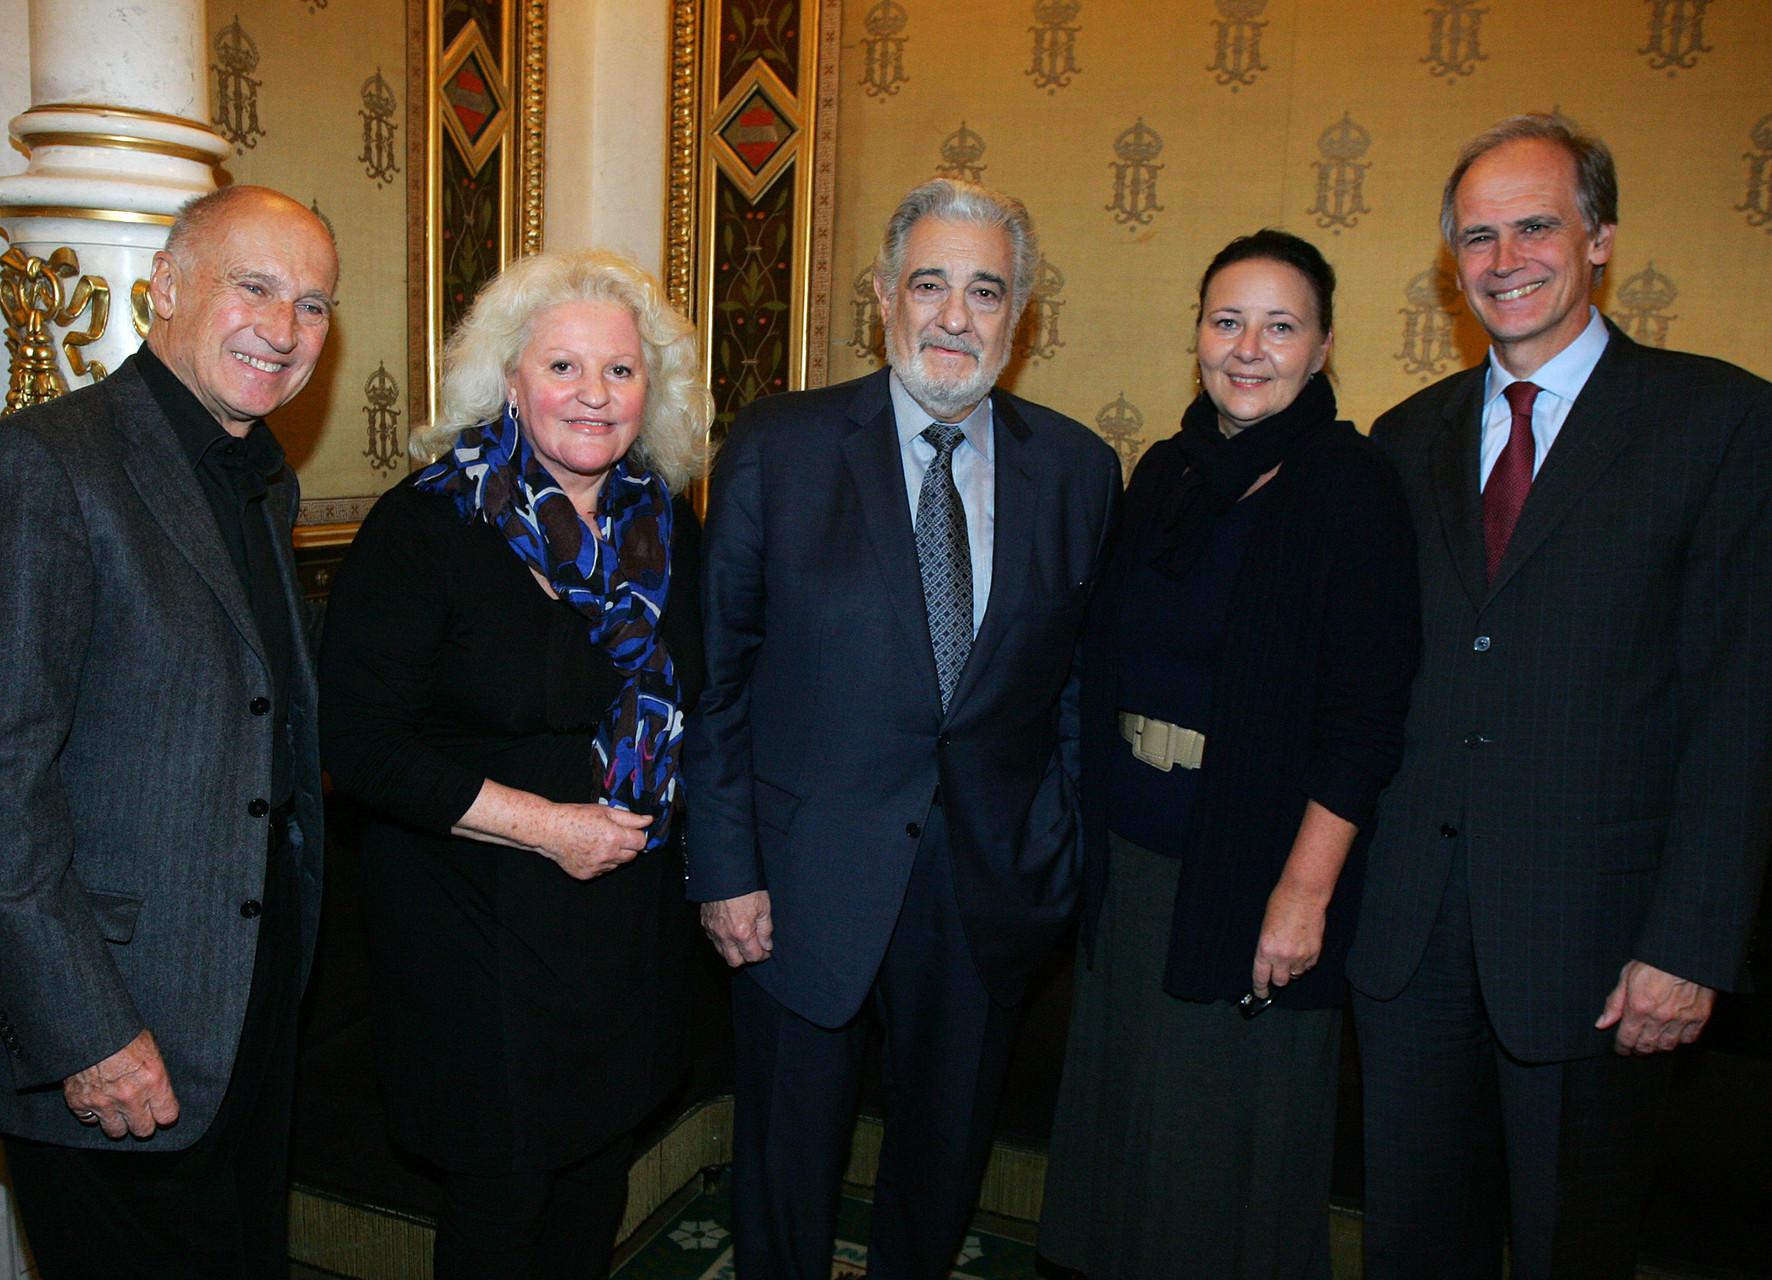 Dickdarmfrüherkennung 2012 in der Oper mit Placido Domingo, Marika Lichter und der Geschäftsführerin der Österreichischen Krebshilfe Frau Doris Kiefhaber